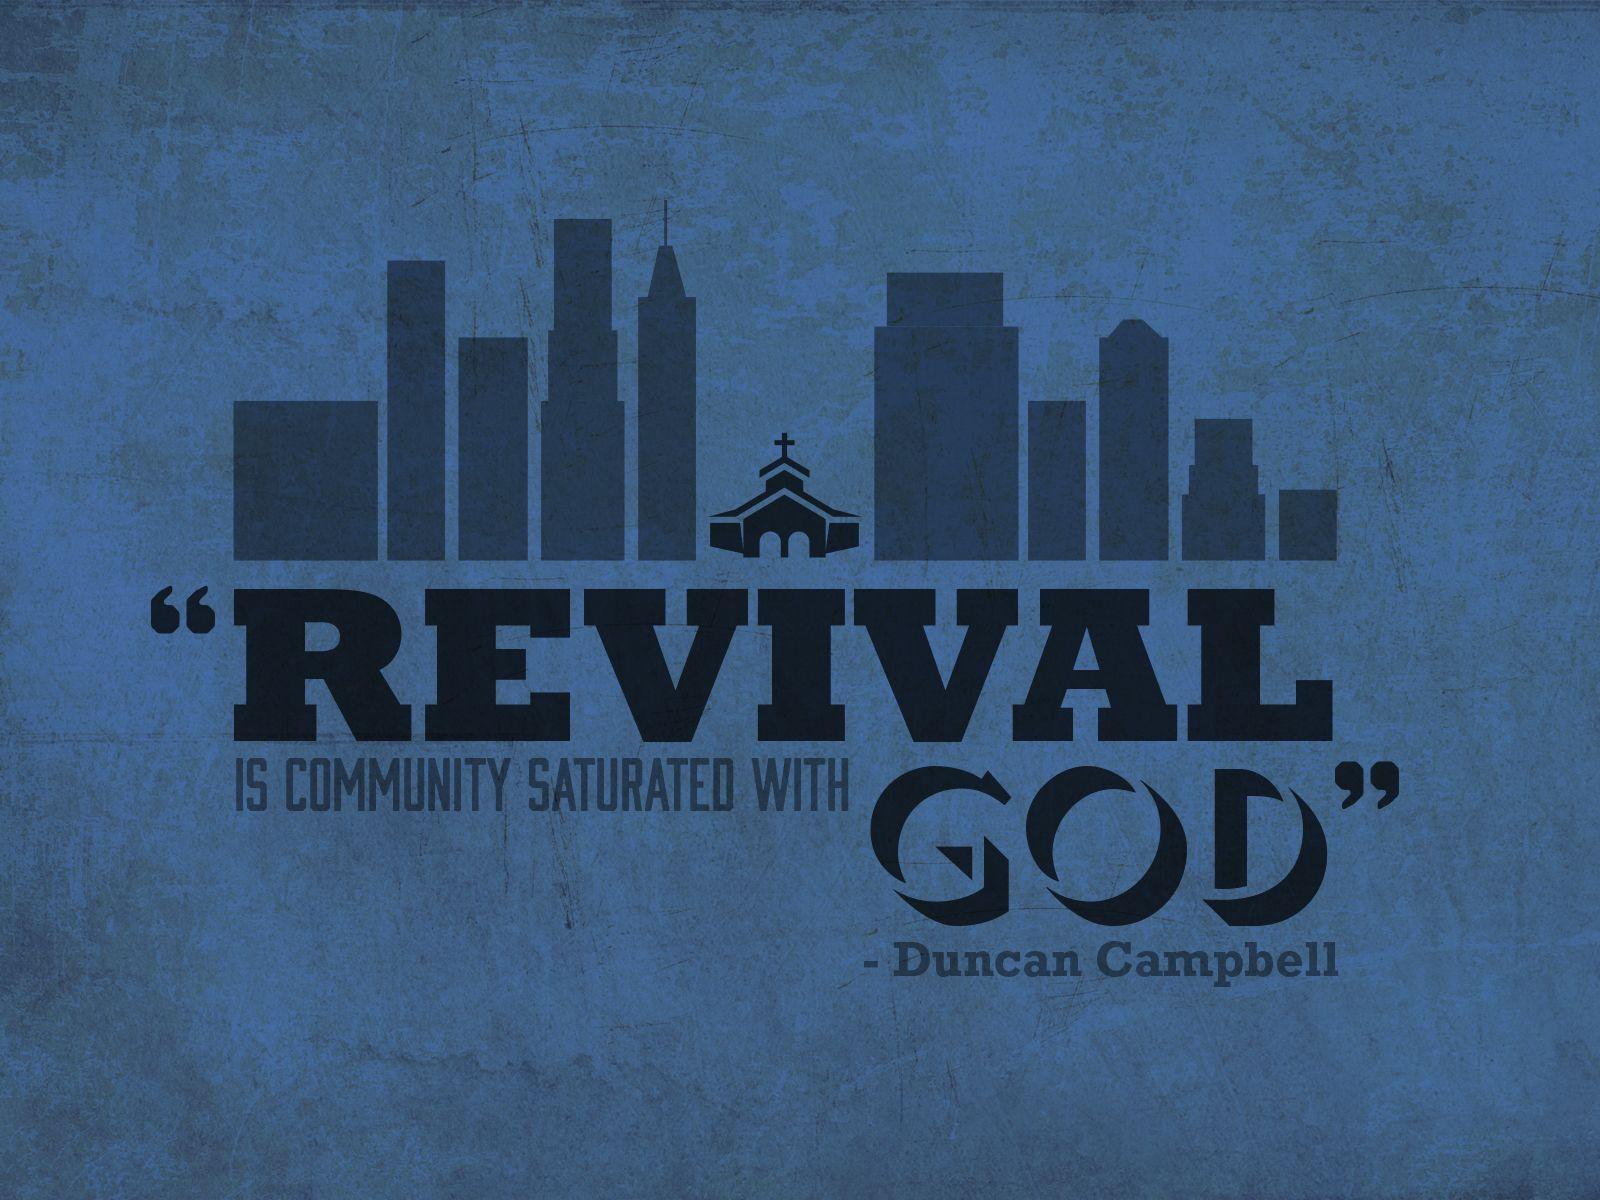 revival themed desktop background blue designed for www revivalfocusblog com by www